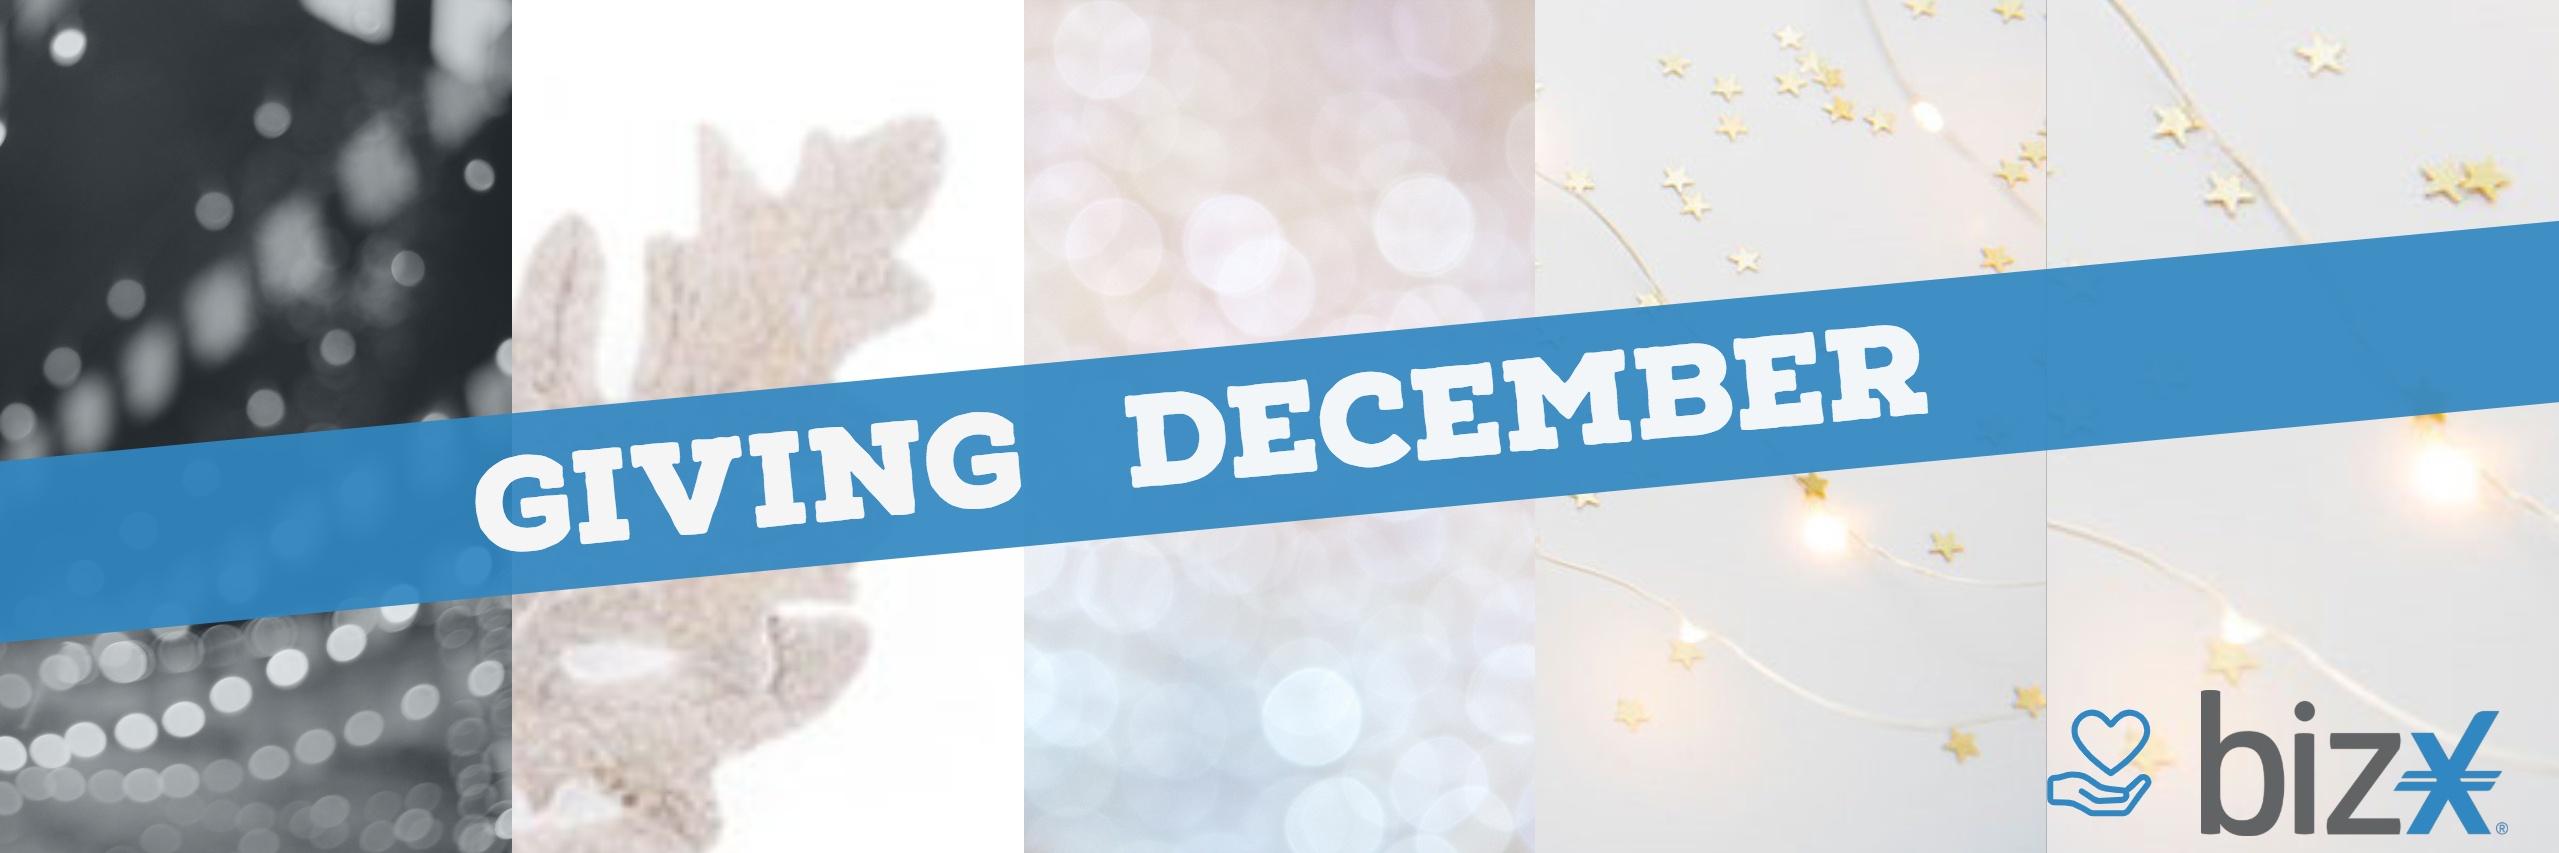 Giving December